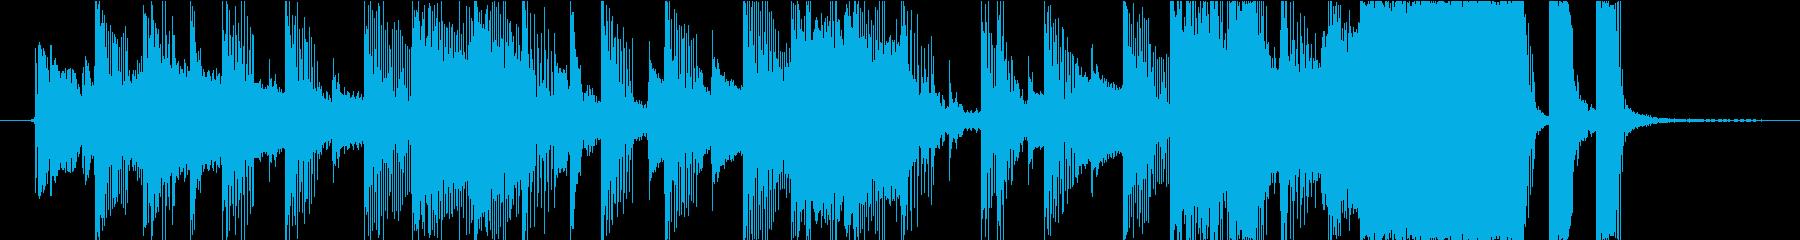 15秒CMの13 今日もバリバリ頑張るの再生済みの波形